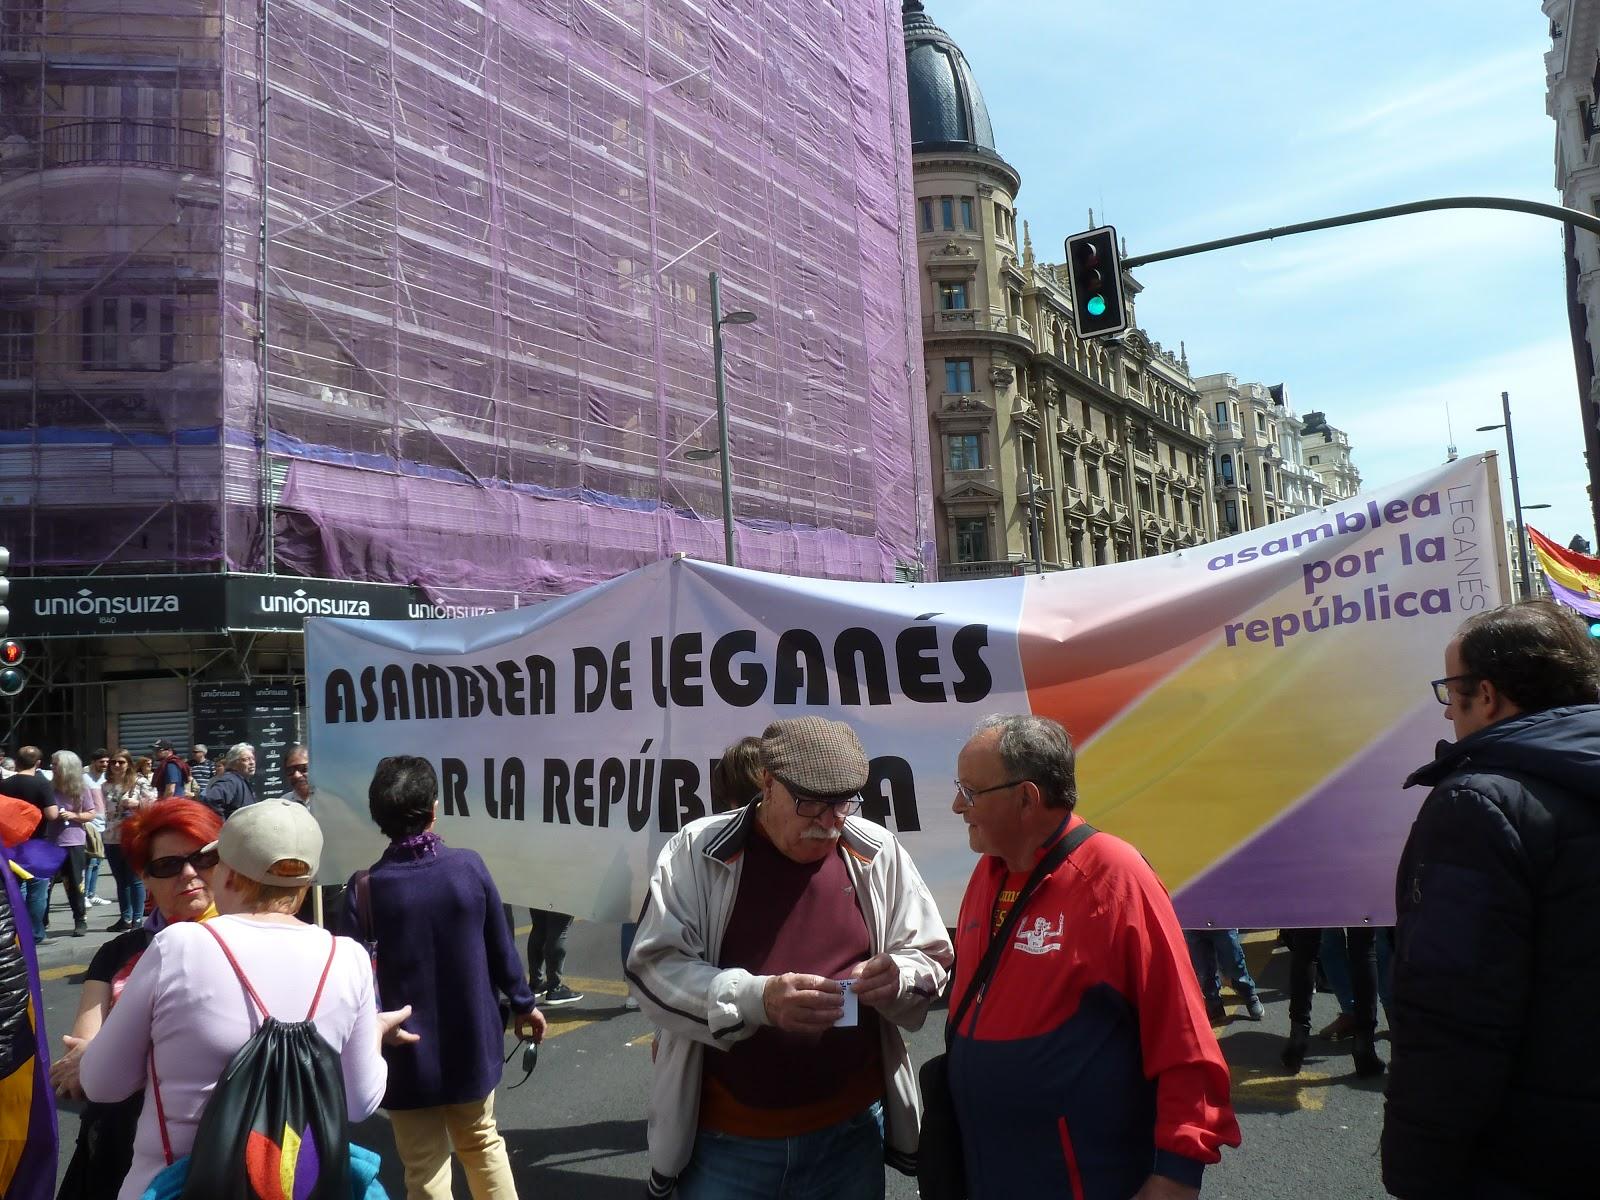 La Loc@: Crónica 14-A. Manif. por la República. Madrid: Gran Vía ...